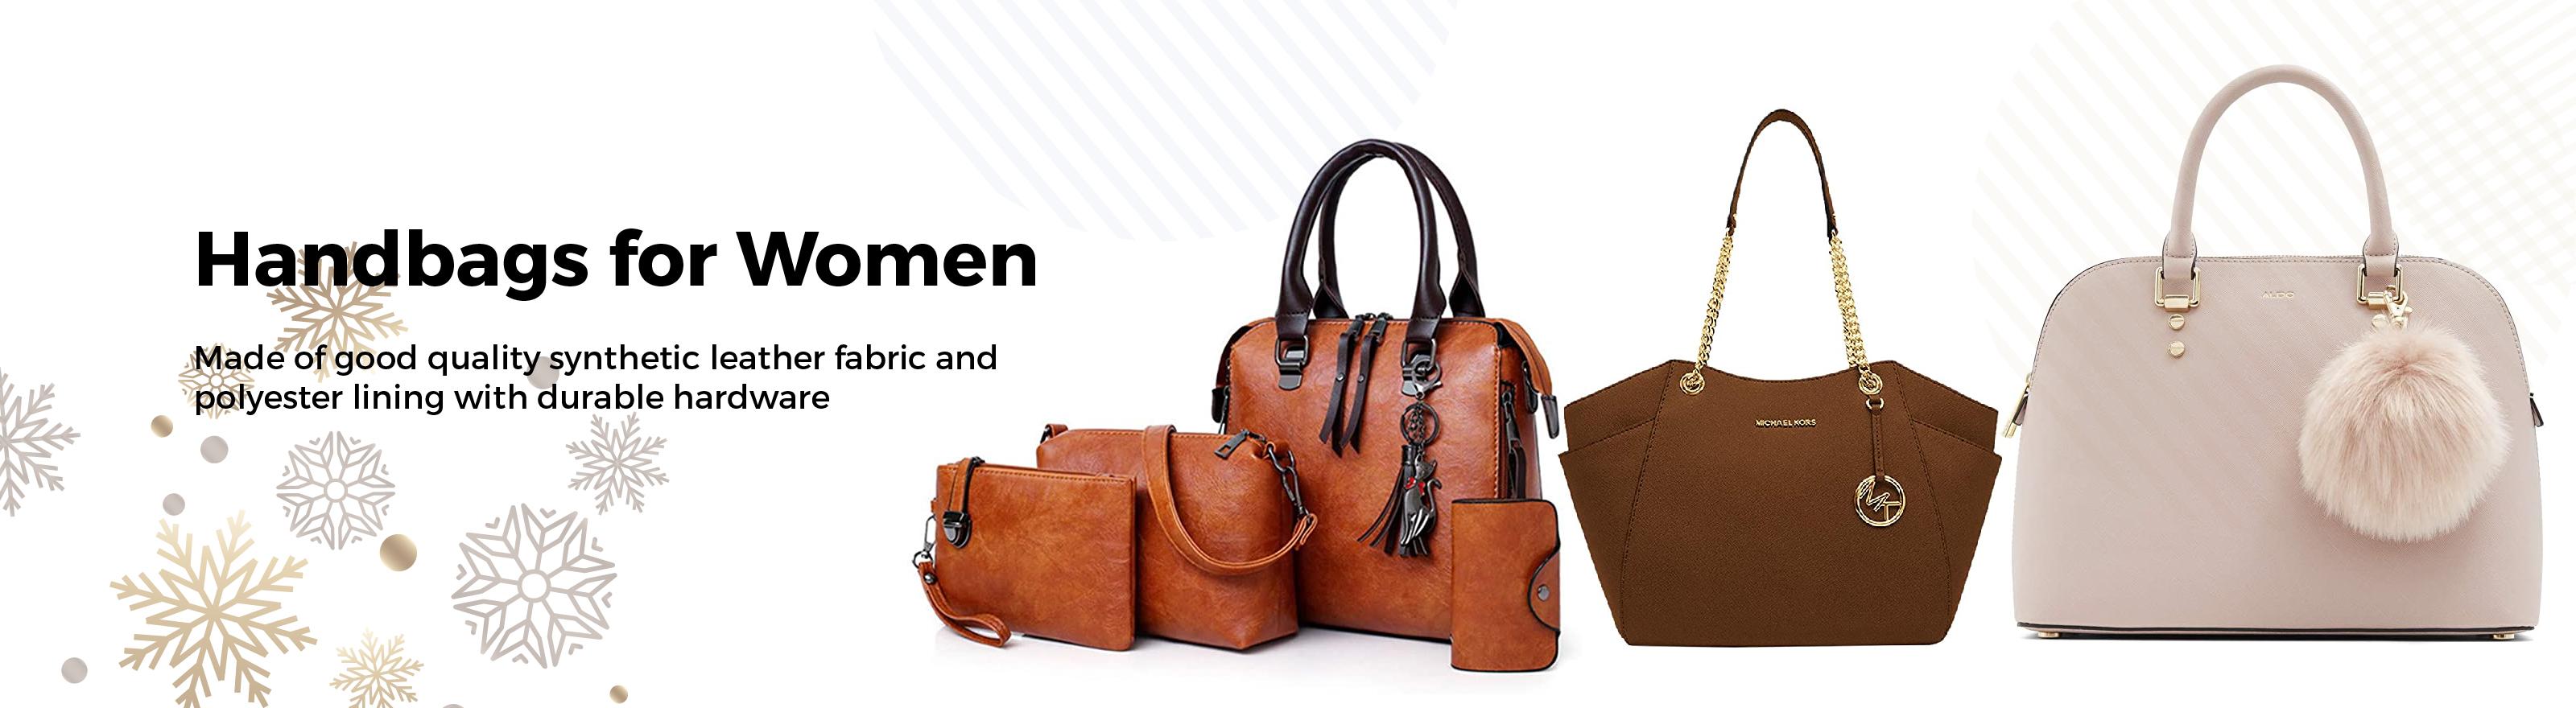 Handbag for women